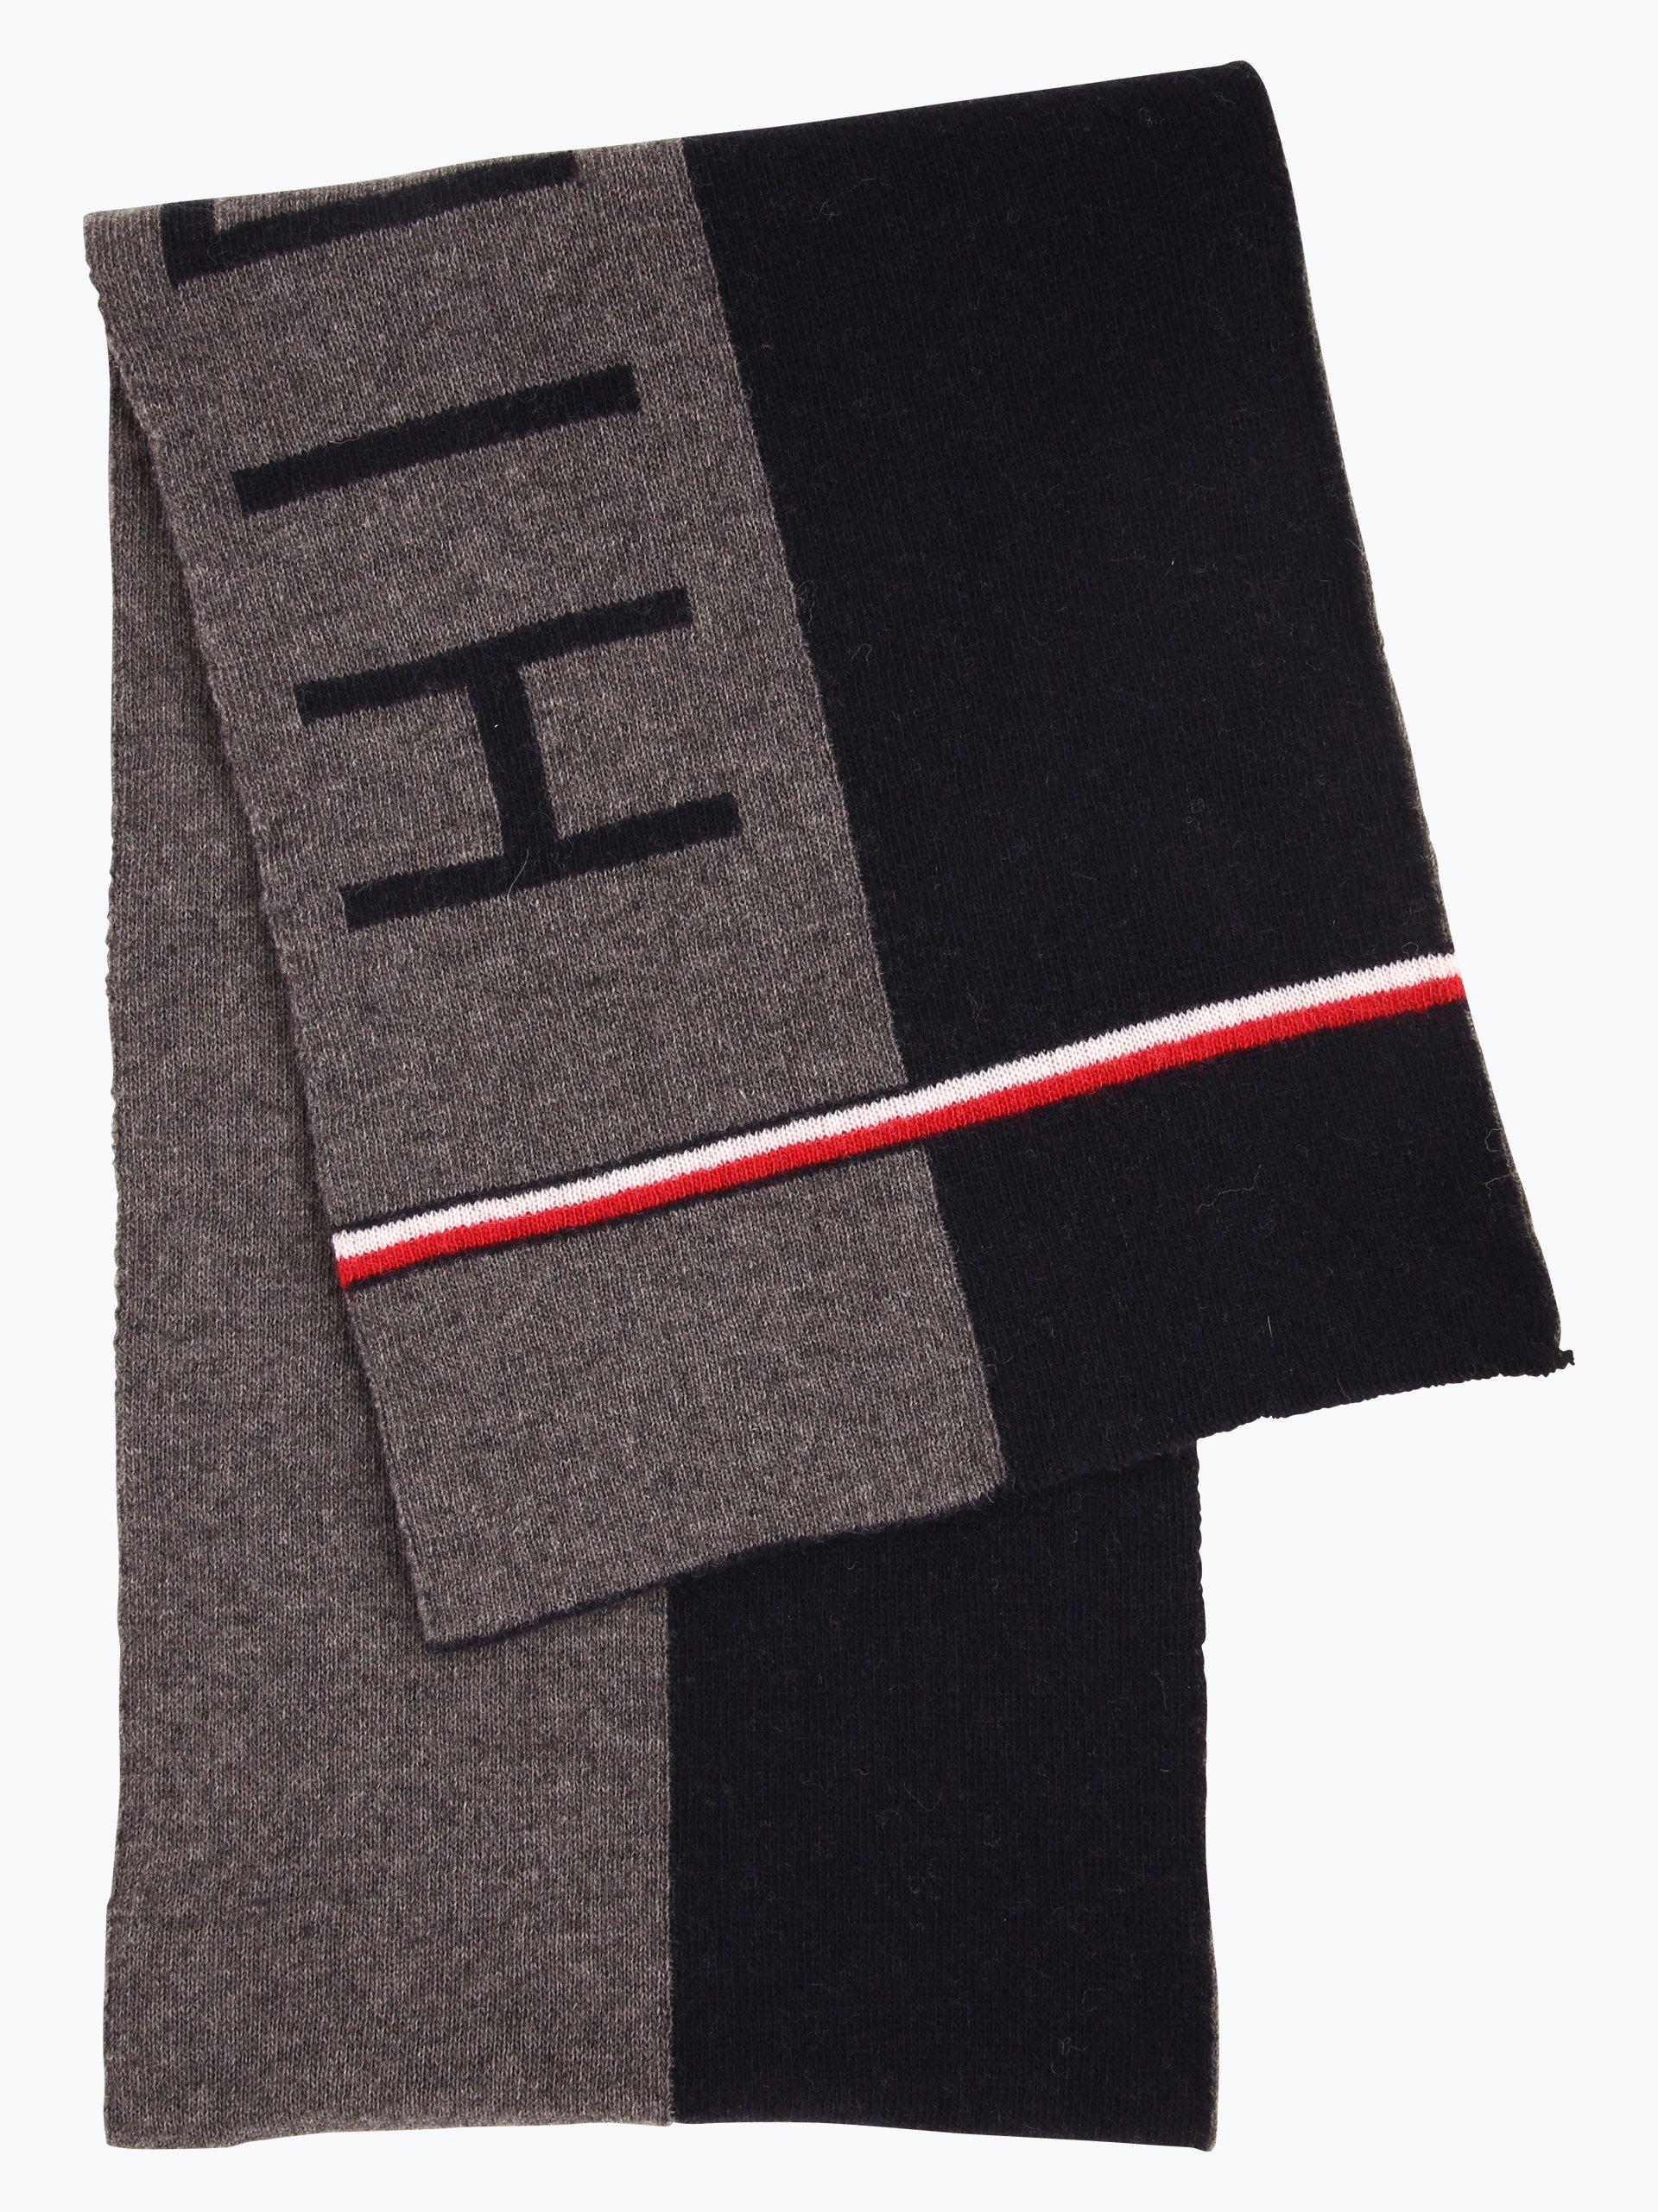 tommy hilfiger herren schal marine uni online kaufen. Black Bedroom Furniture Sets. Home Design Ideas